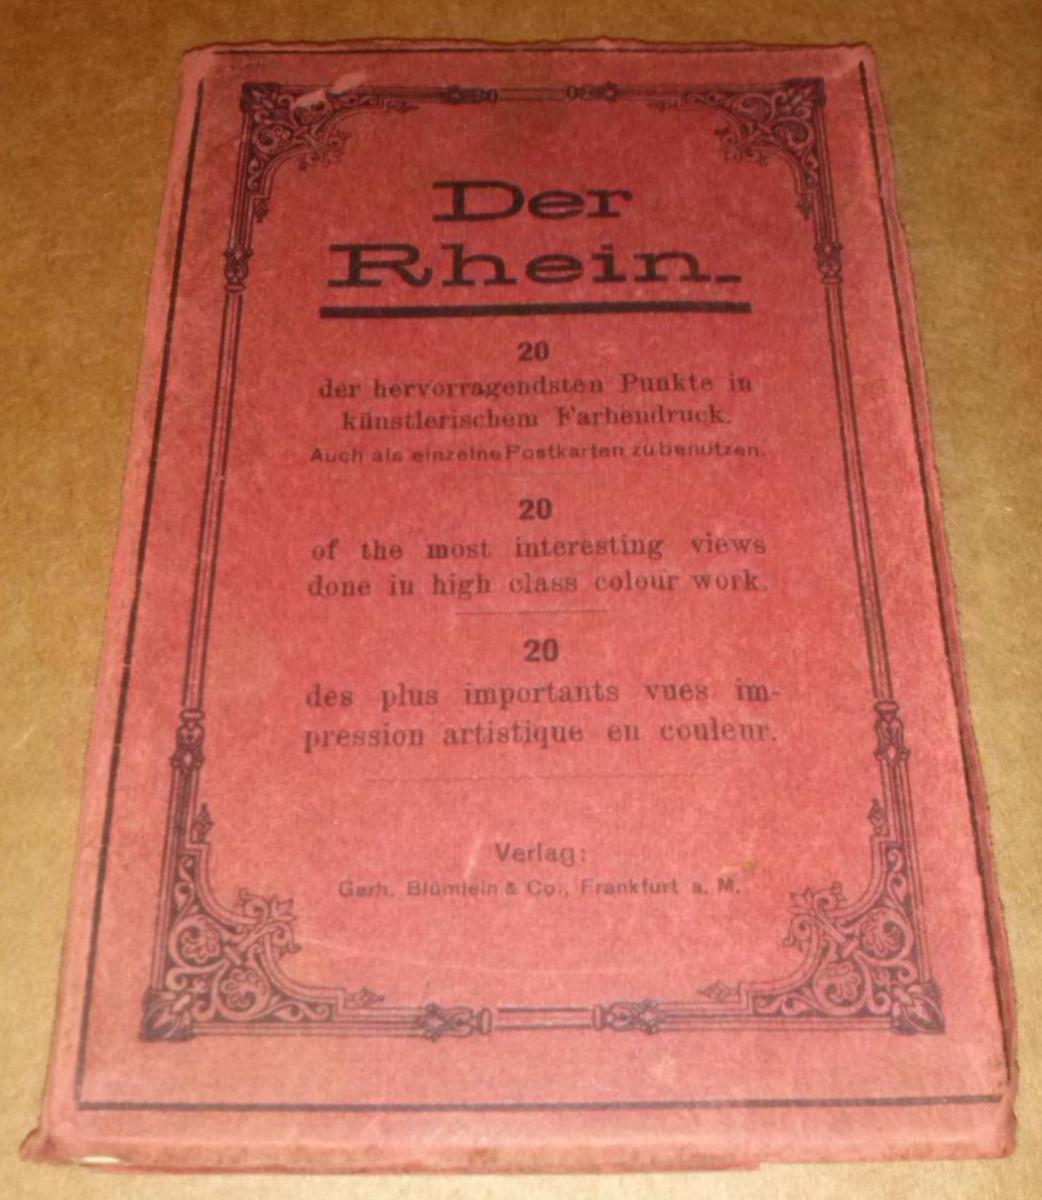 Der Rhein - 20 der hervorragendsten Punkte in künstlerischem Farbendruck. Auch als einzelne Postkarten zu benutzen (Titel in engl.+fra. Sprache vorne auf Front) - Leporello-Album mit ill. OVP/OPbd. - Leporello ist leider in zwei Teilen vorhanden, alle ... 0